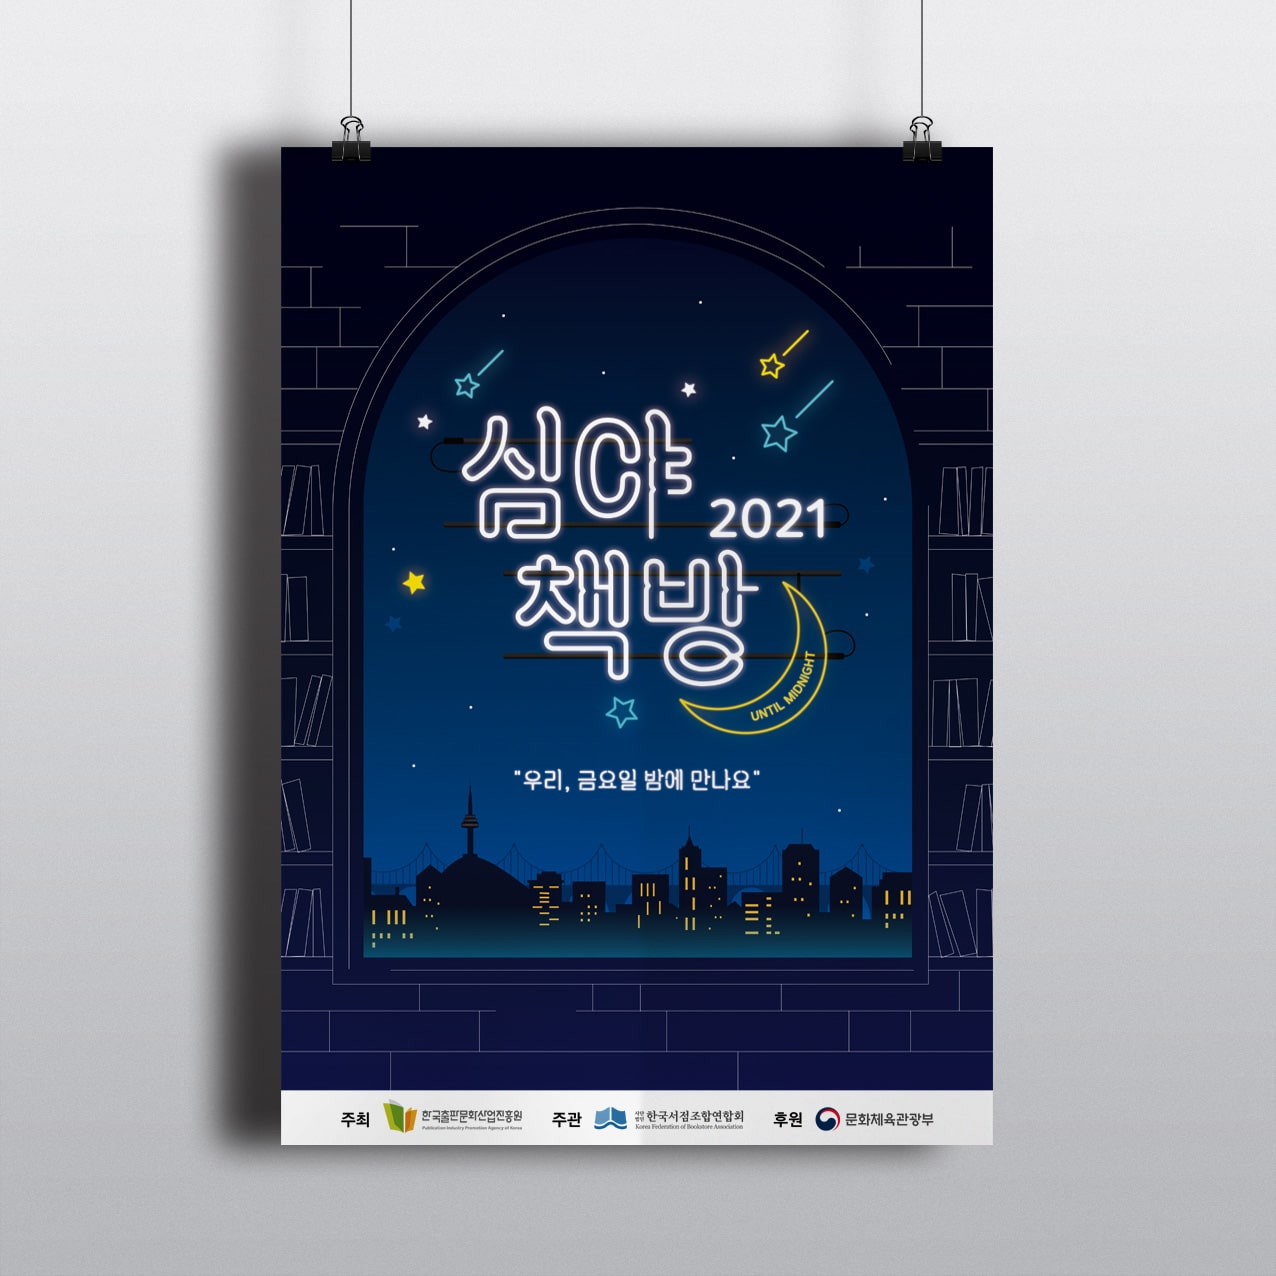 2021 심야책방 - 한국서점조합연합회